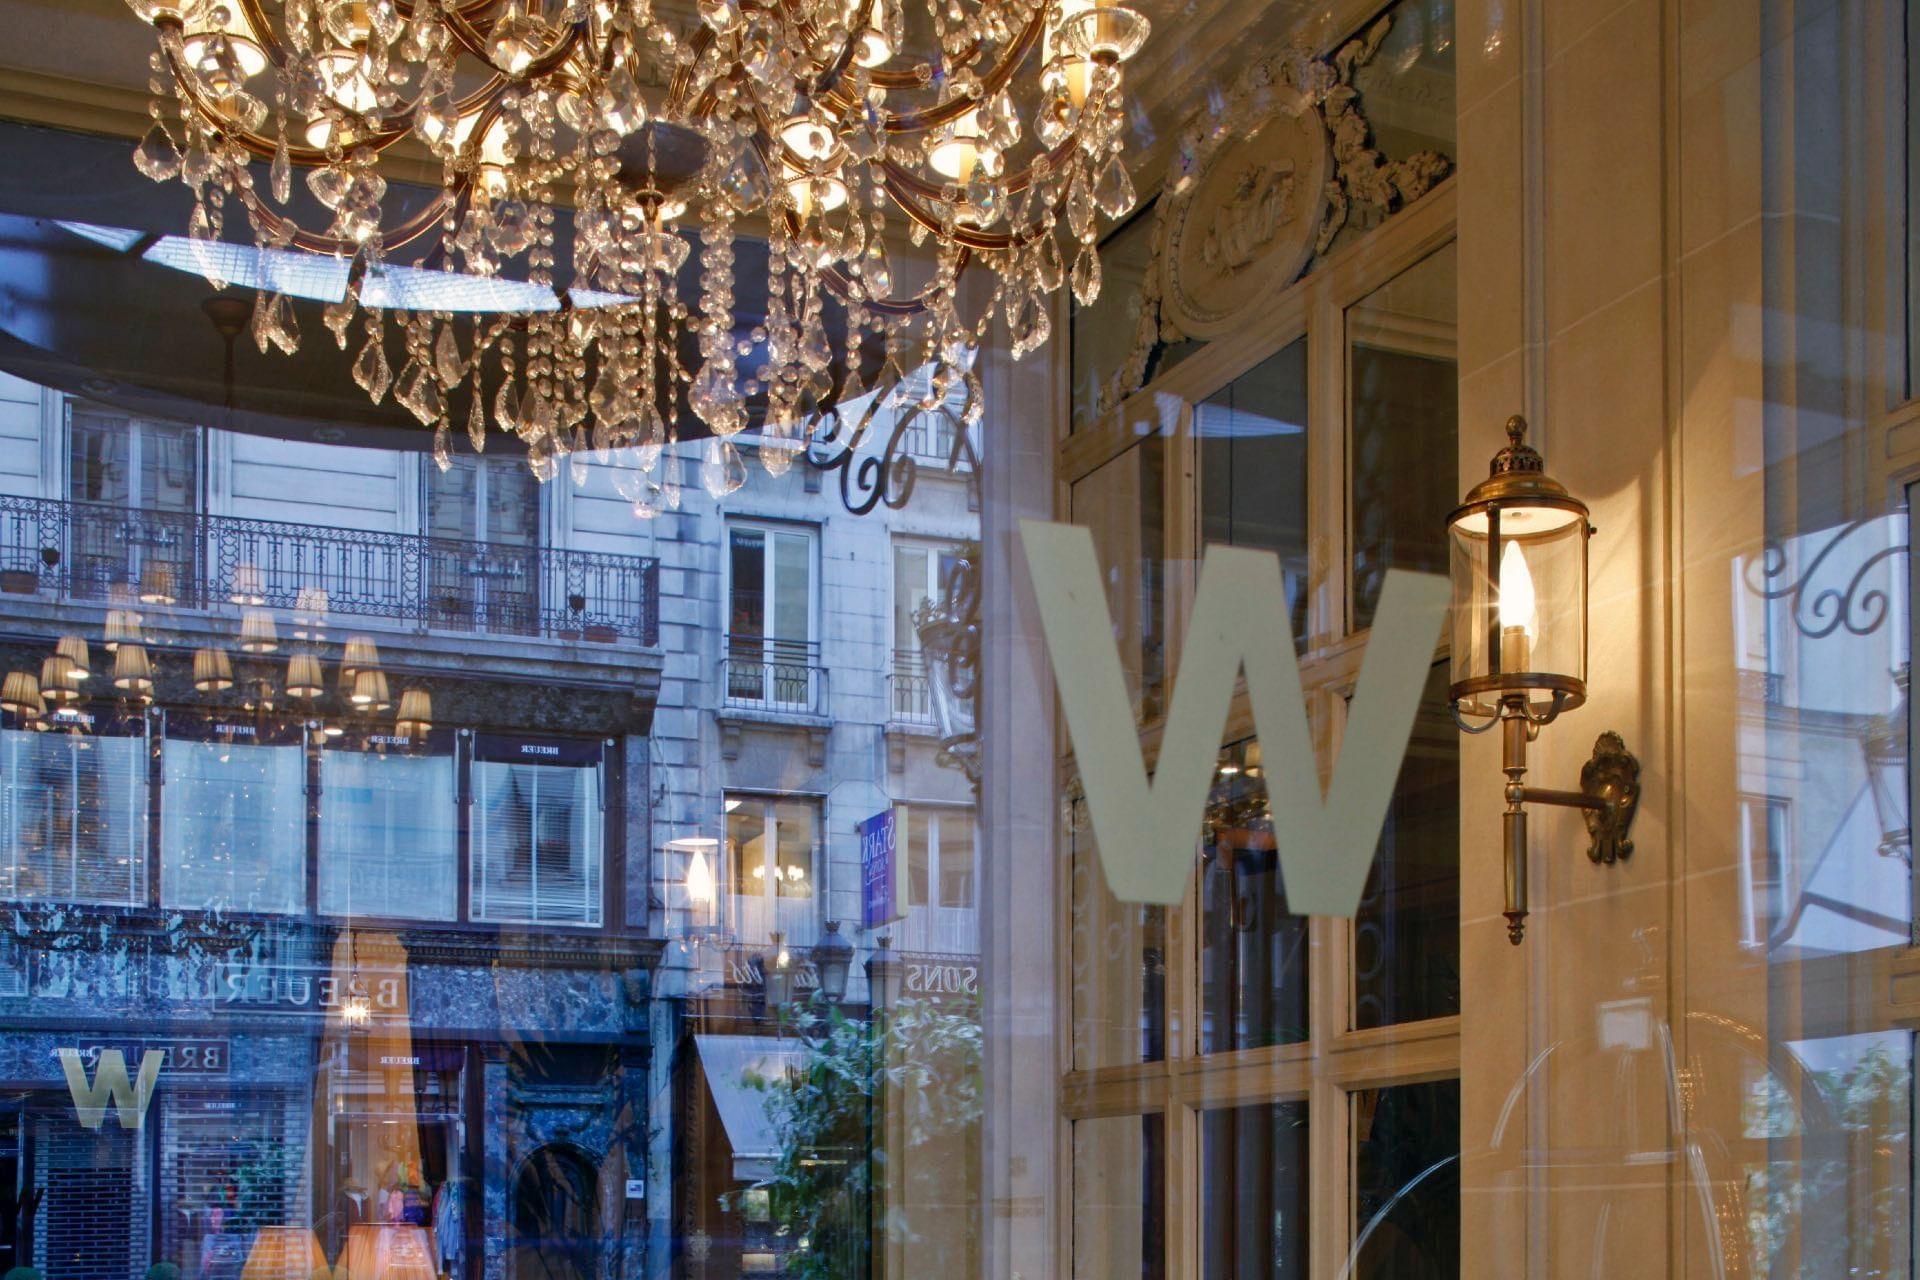 Entrée de l'Hôtel Westminster Warwick Paris